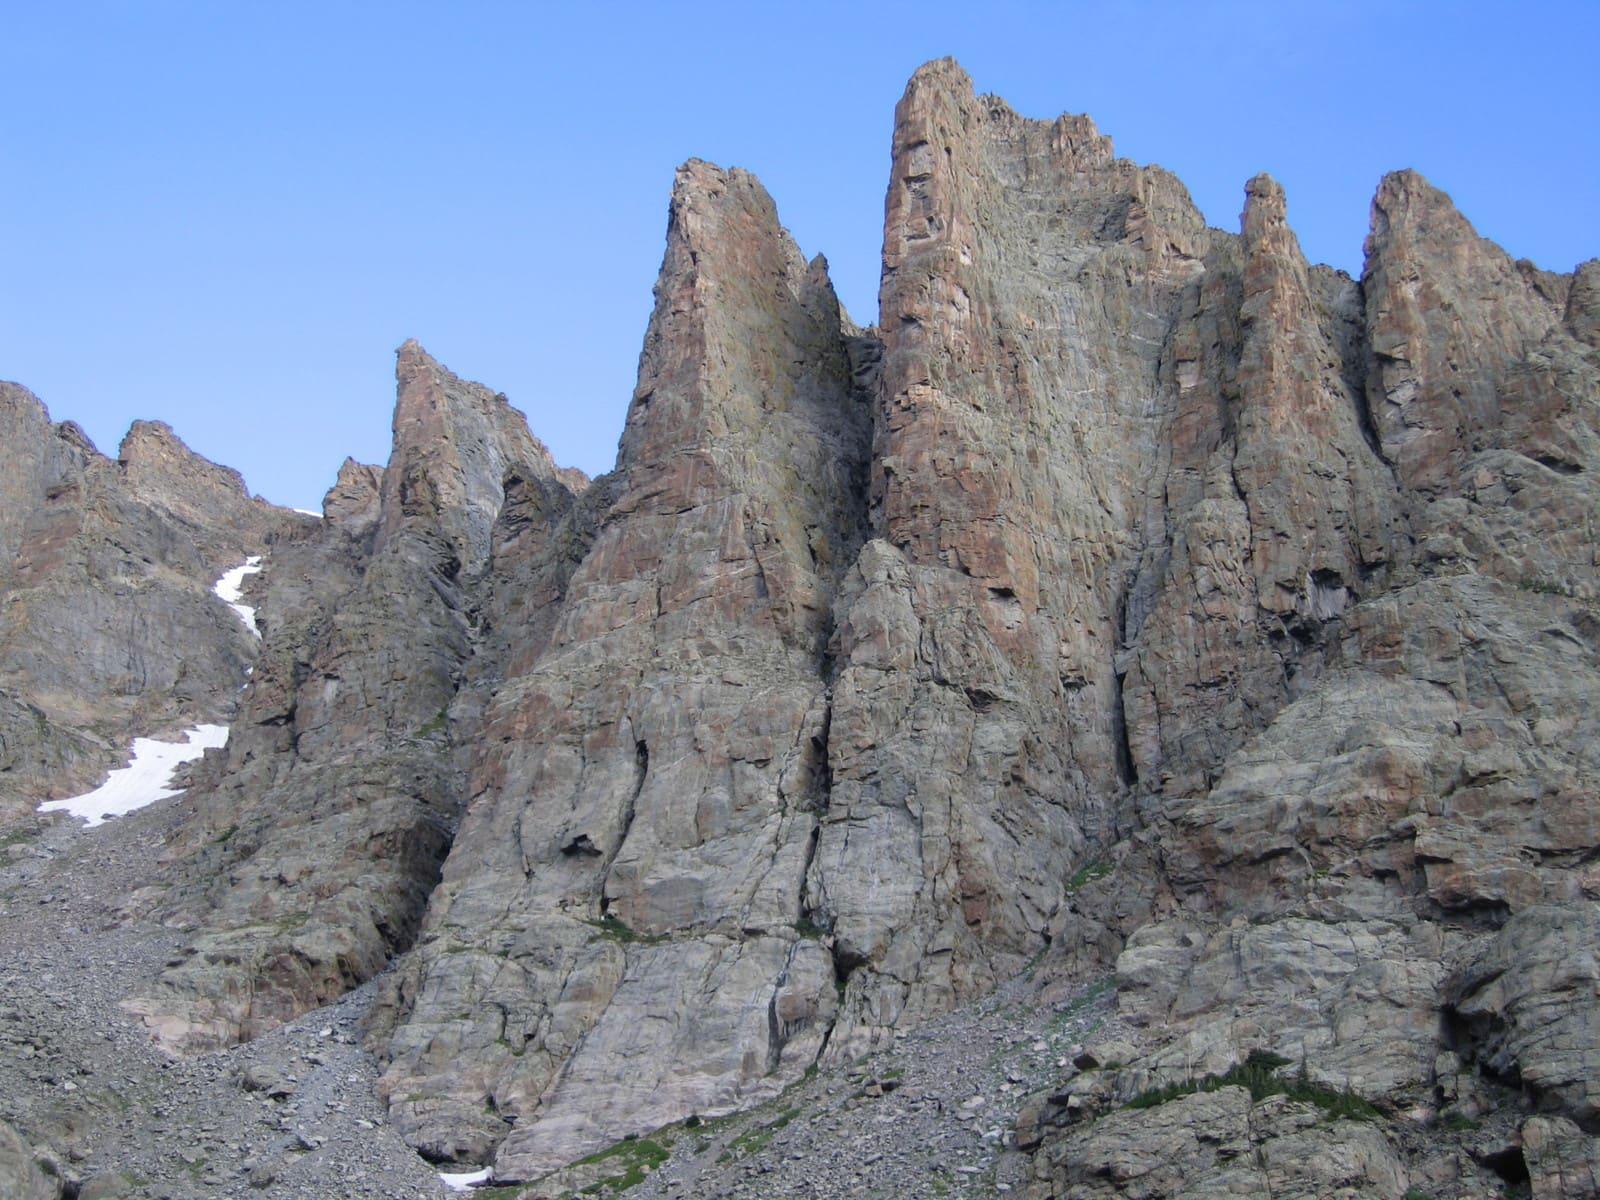 Rock climbing guiding and instruction in Estes Park, Denver and Boulder, Colorado